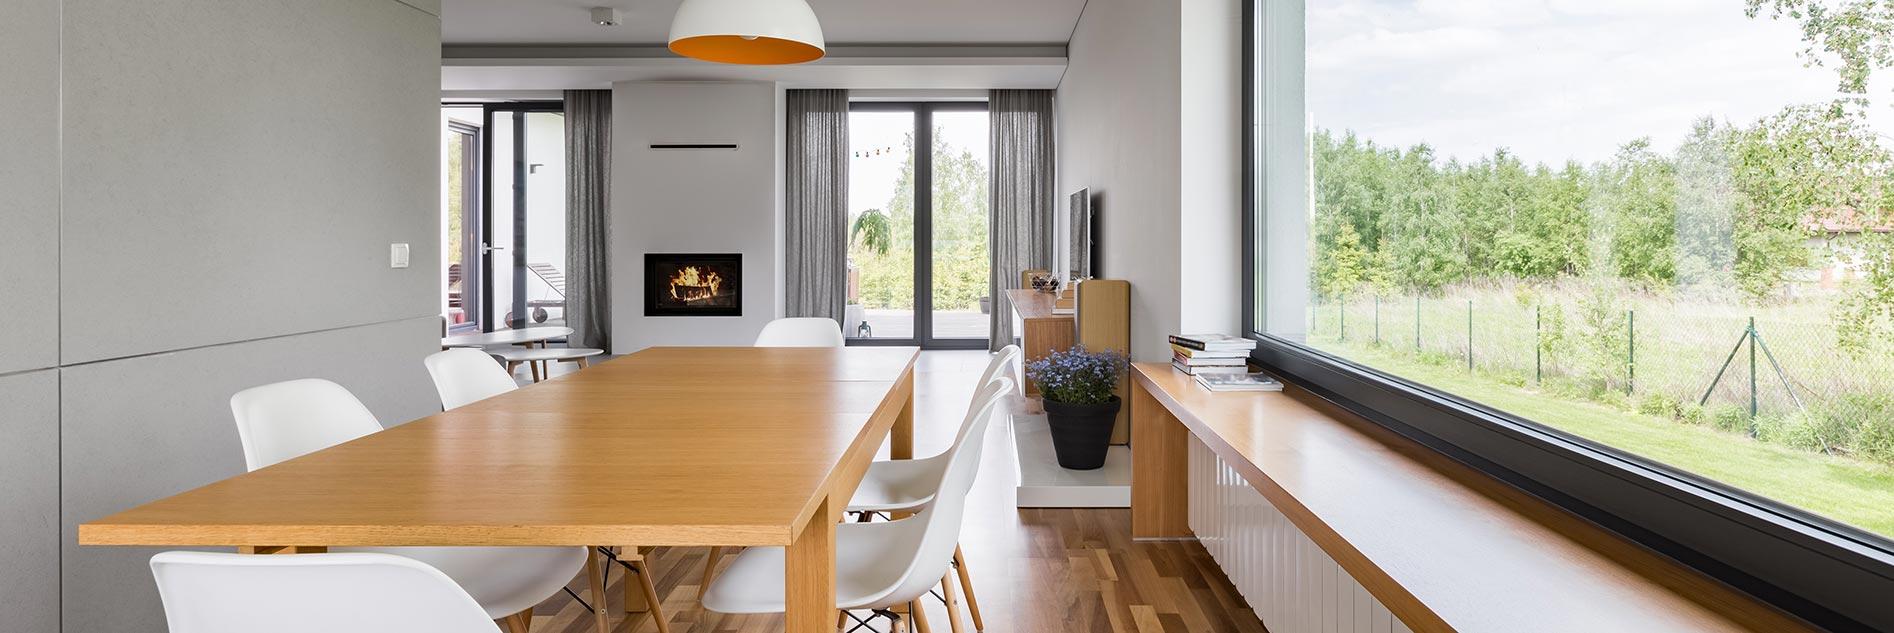 Große Fenster lassen viel Licht in den Raum und vergrößern ihn optisch.